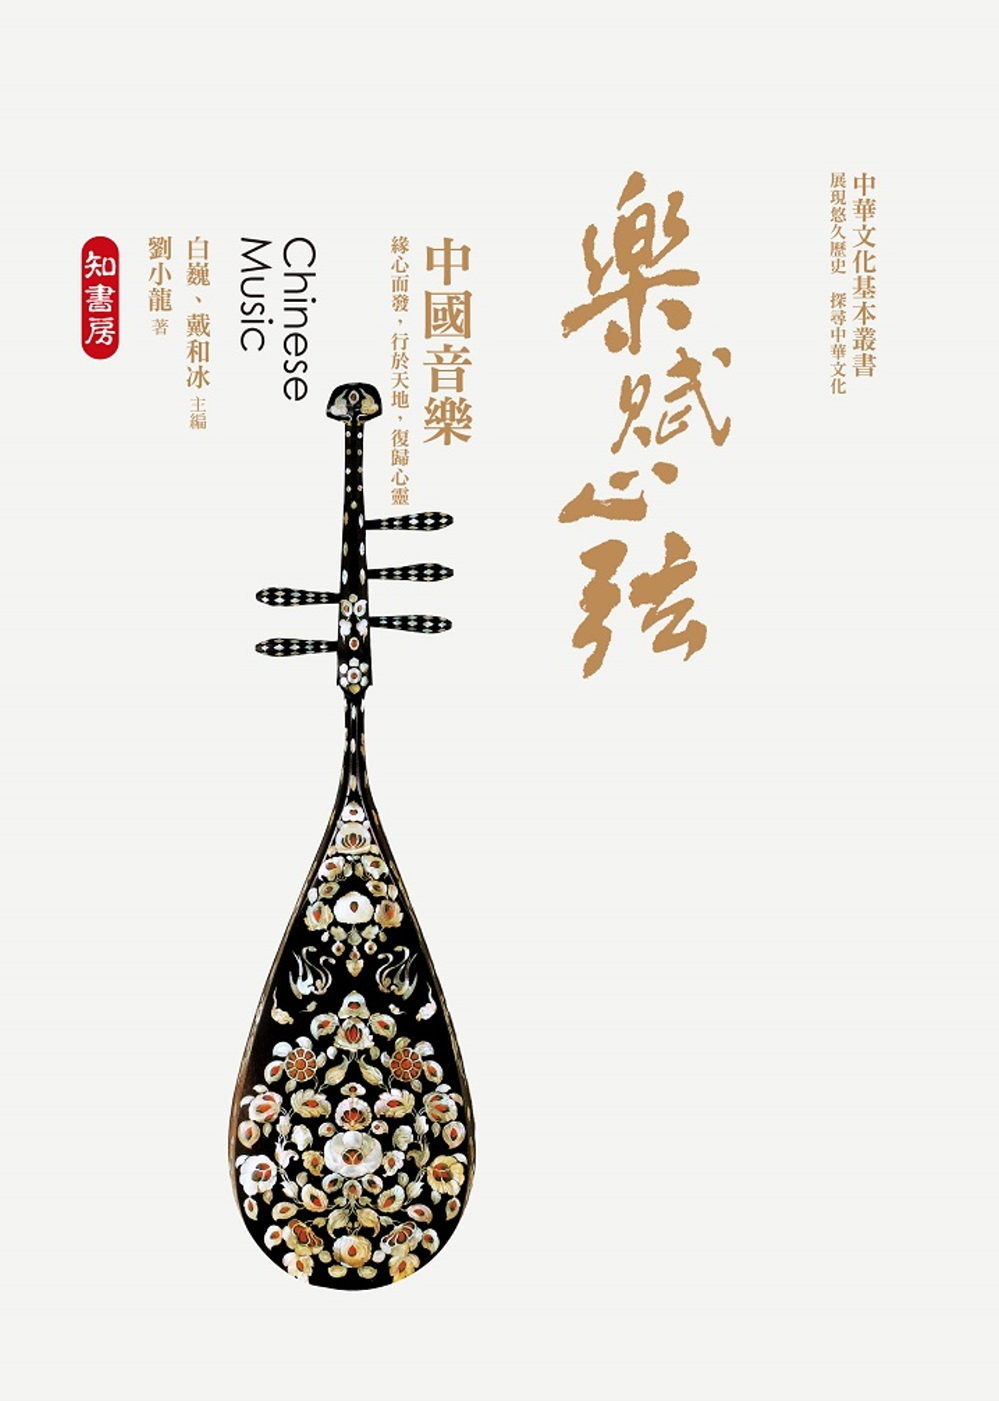 樂賦心弦:中國音樂